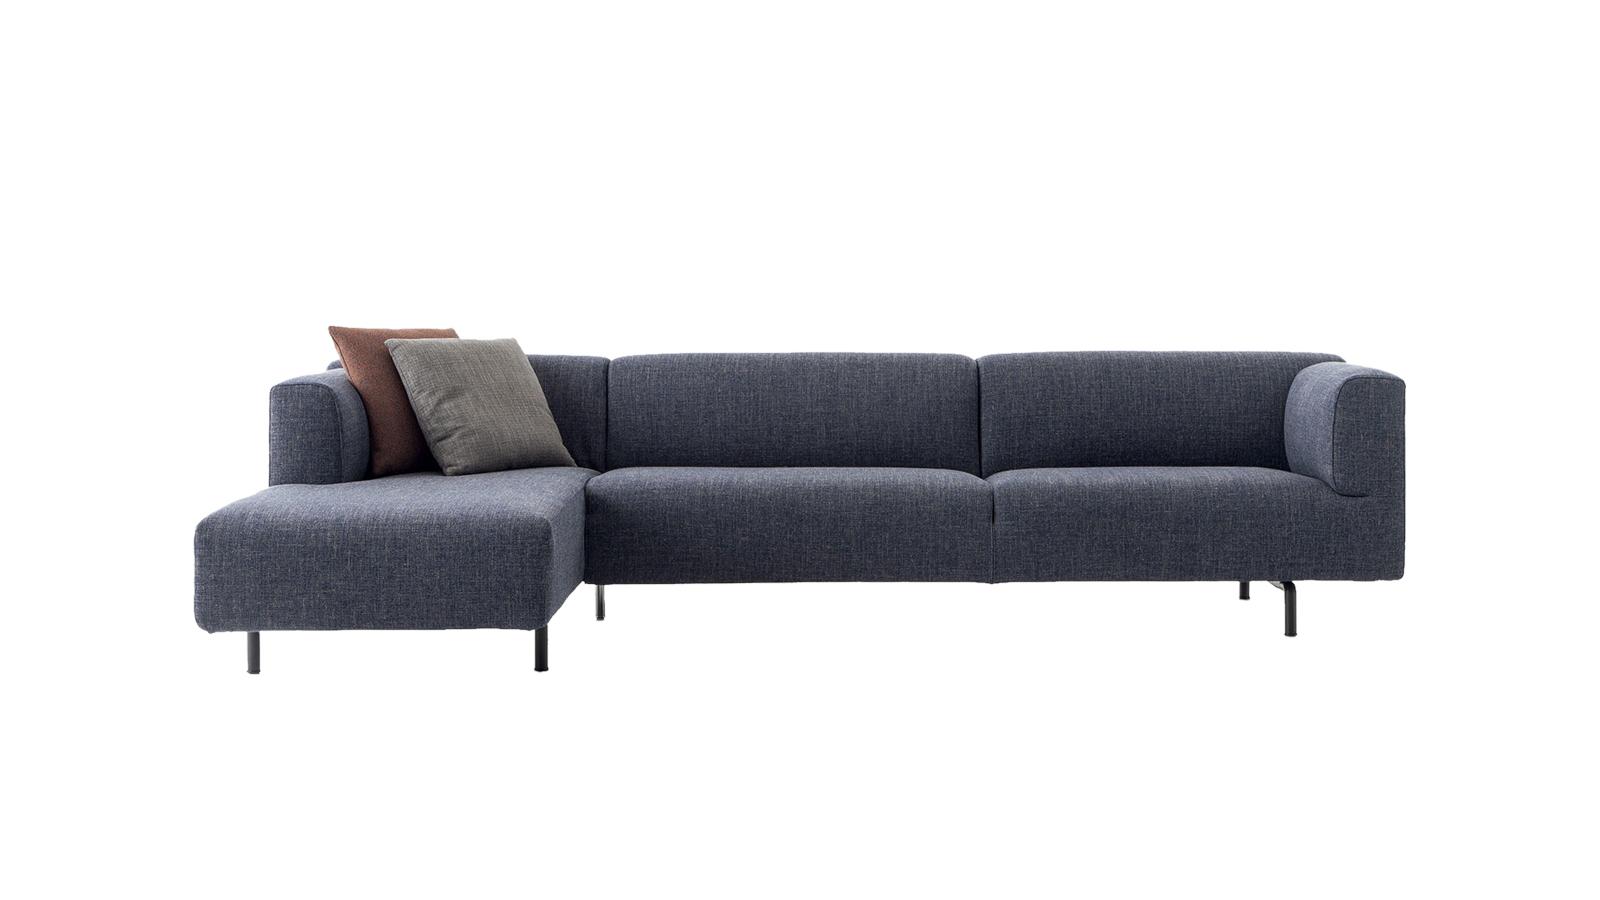 A jó design nem a szépségnél, hanem a hibátlan kialakításánál kezdődik. Márpedig a MET kanapék mindkettőben kiemelkedően teljesítenek. A letisztult, geometrikus formának és az ergonomikus kialakításnak hála a szemet és a testet is kényeztetik.